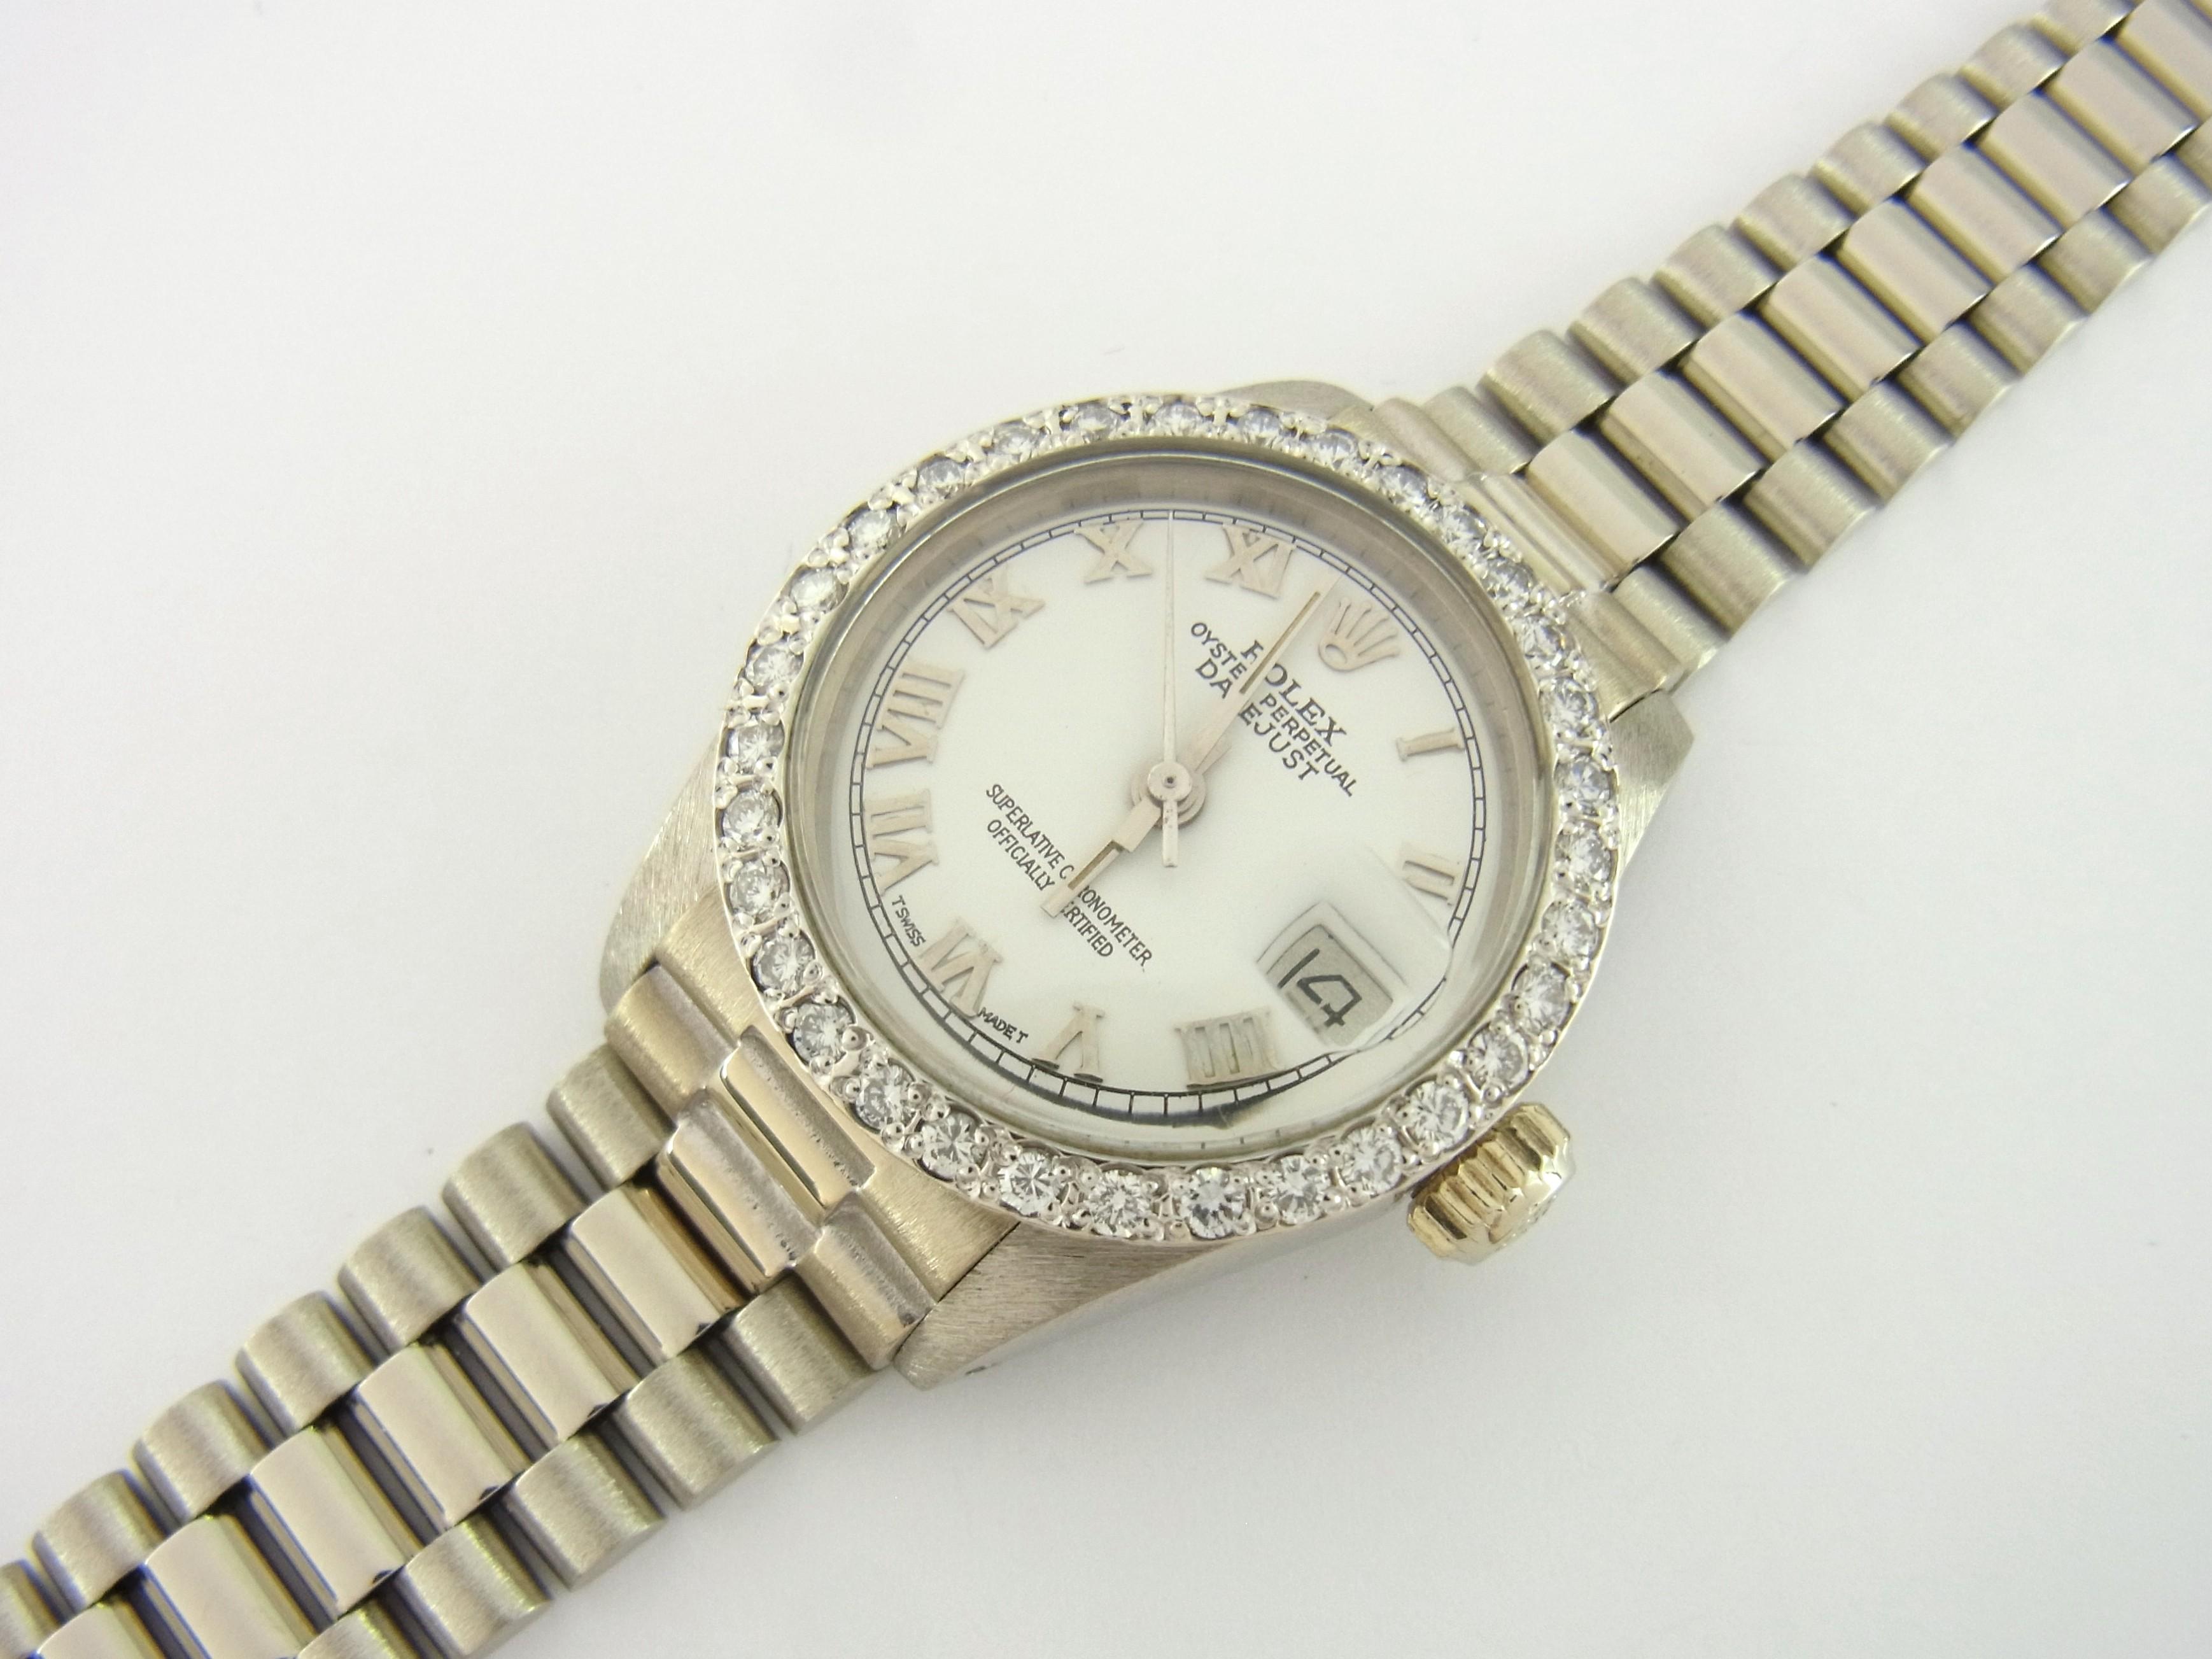 Rolex Datejust Lady Ref 6917 750er Weißgold Diamant-Lünette ...